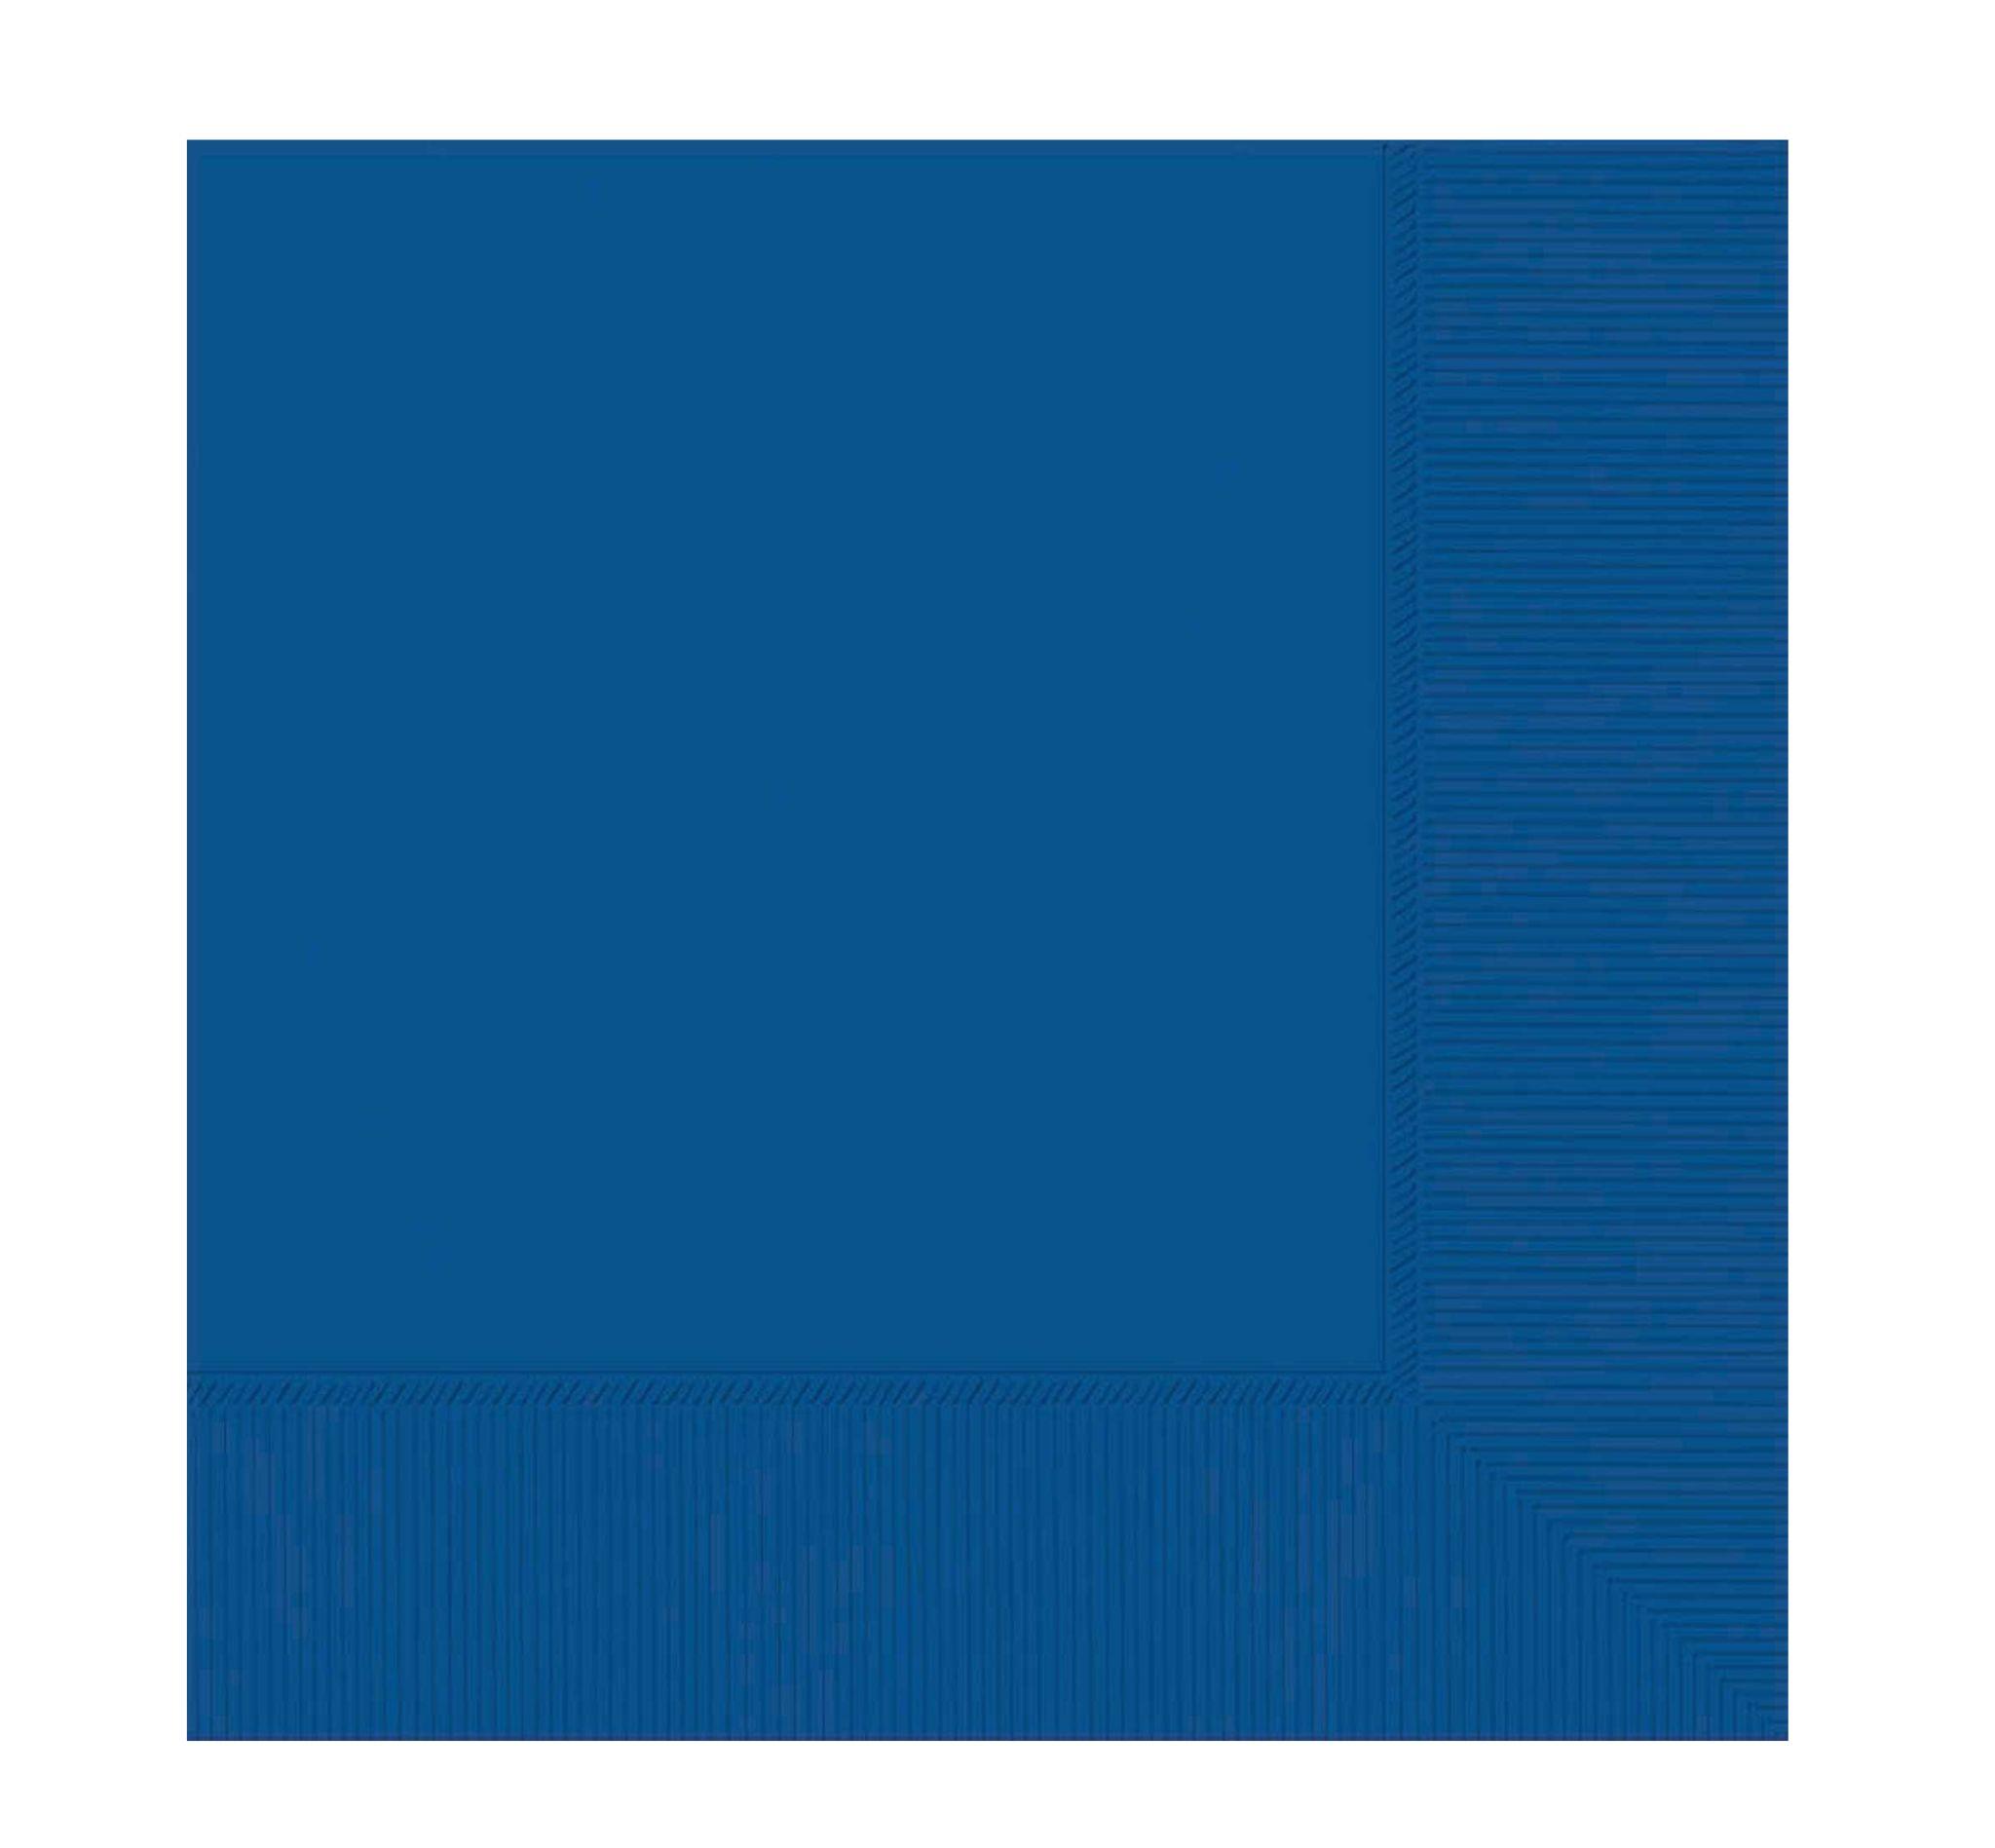 لون ازرق غامق ساده